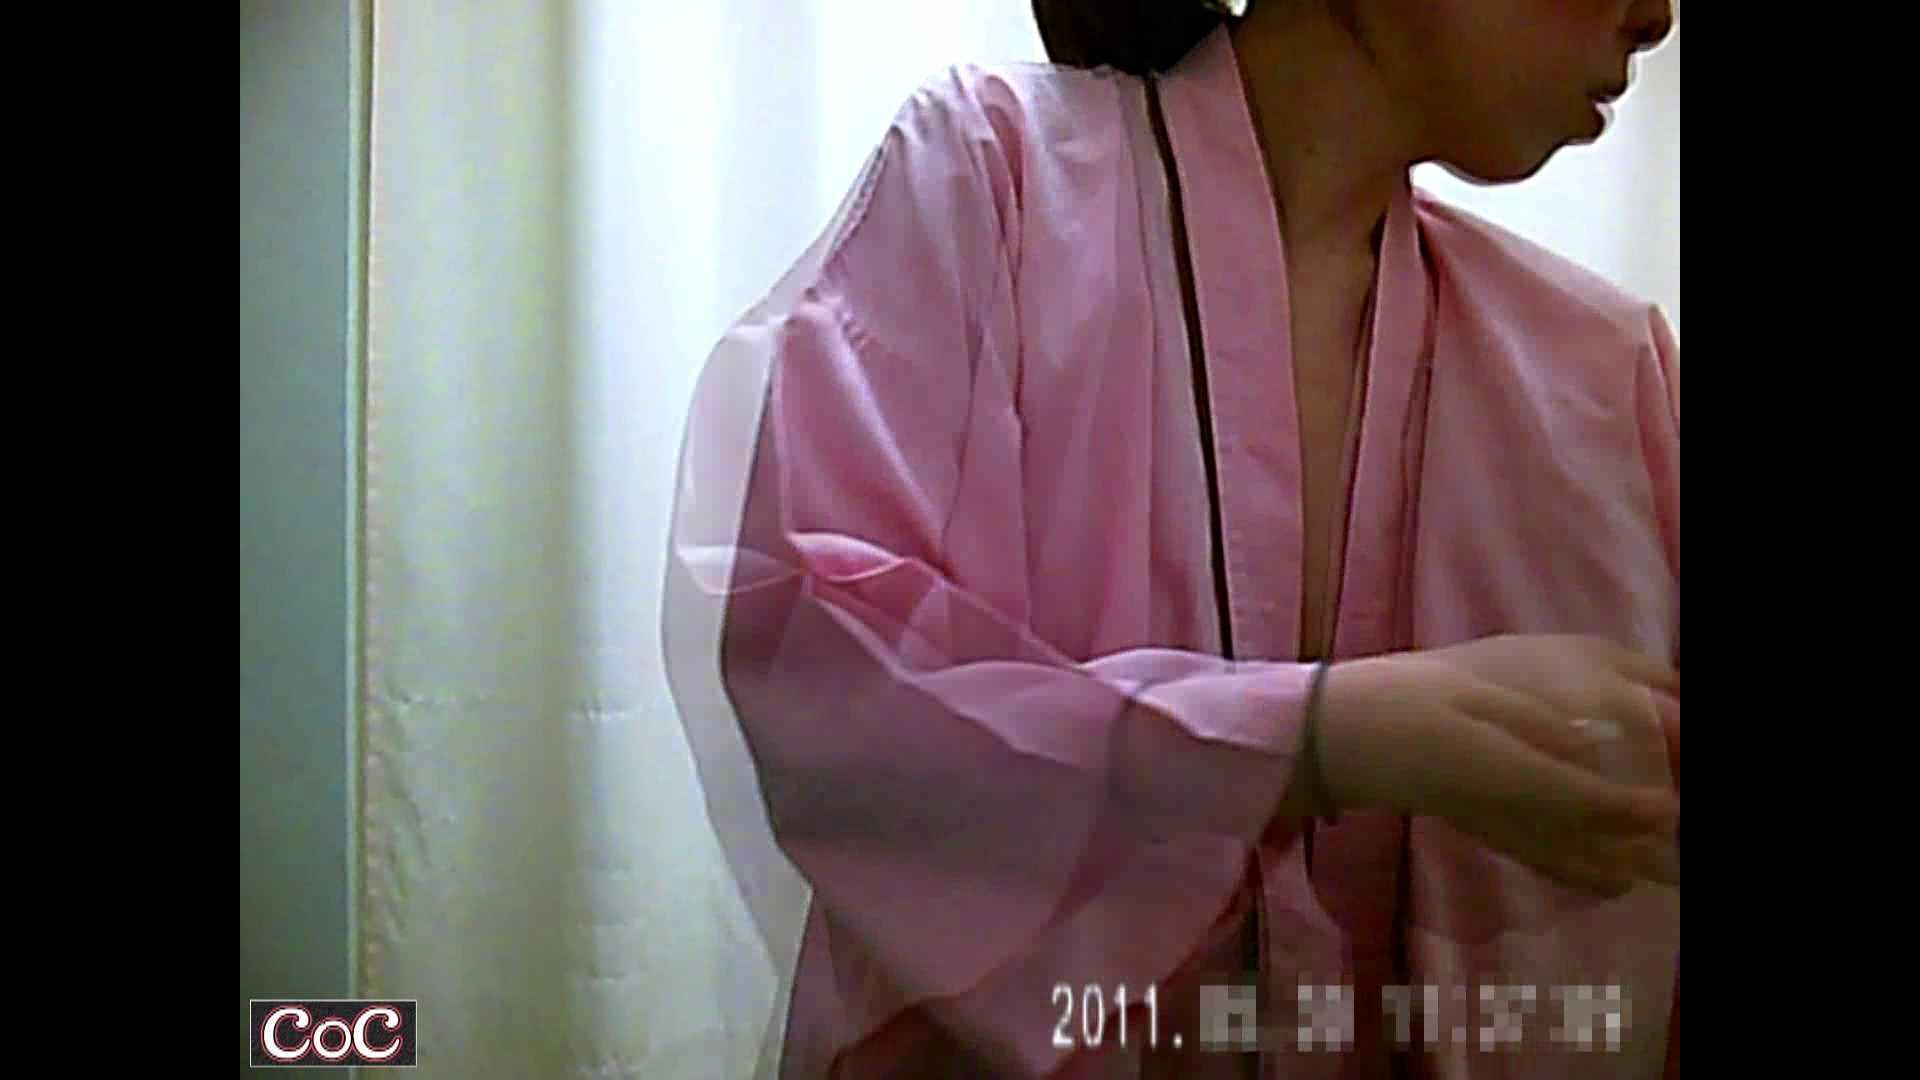 病院おもいっきり着替え! vol.01 巨乳 盗撮オメコ無修正動画無料 65画像 33